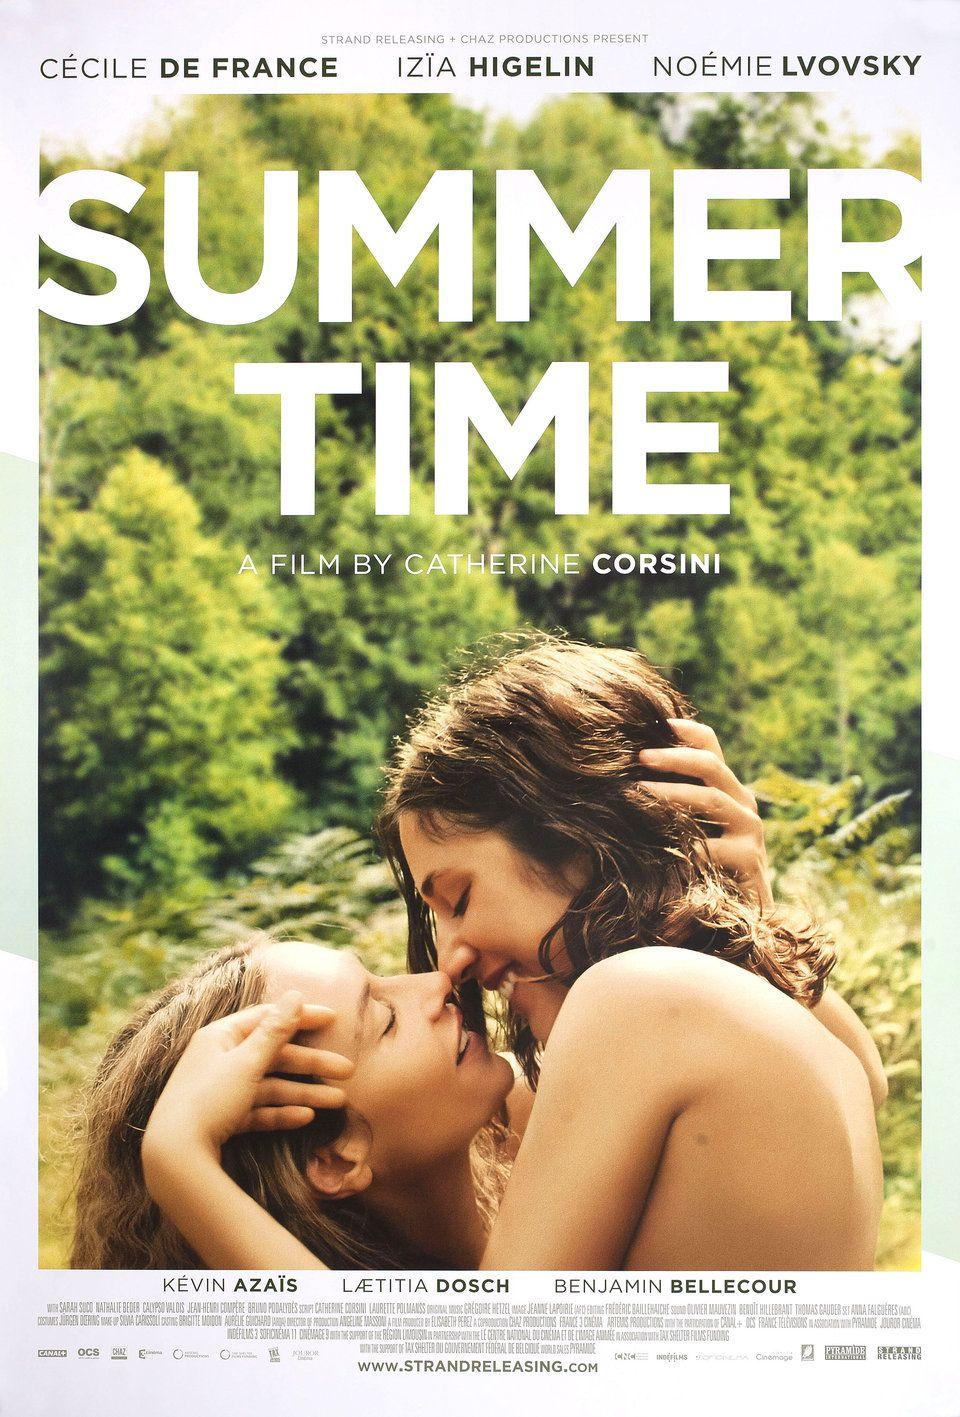 Peliculas Porno Enteras De Lesbianas Fancesas summertime 2015 u.s. one sheet poster | posteritati movie